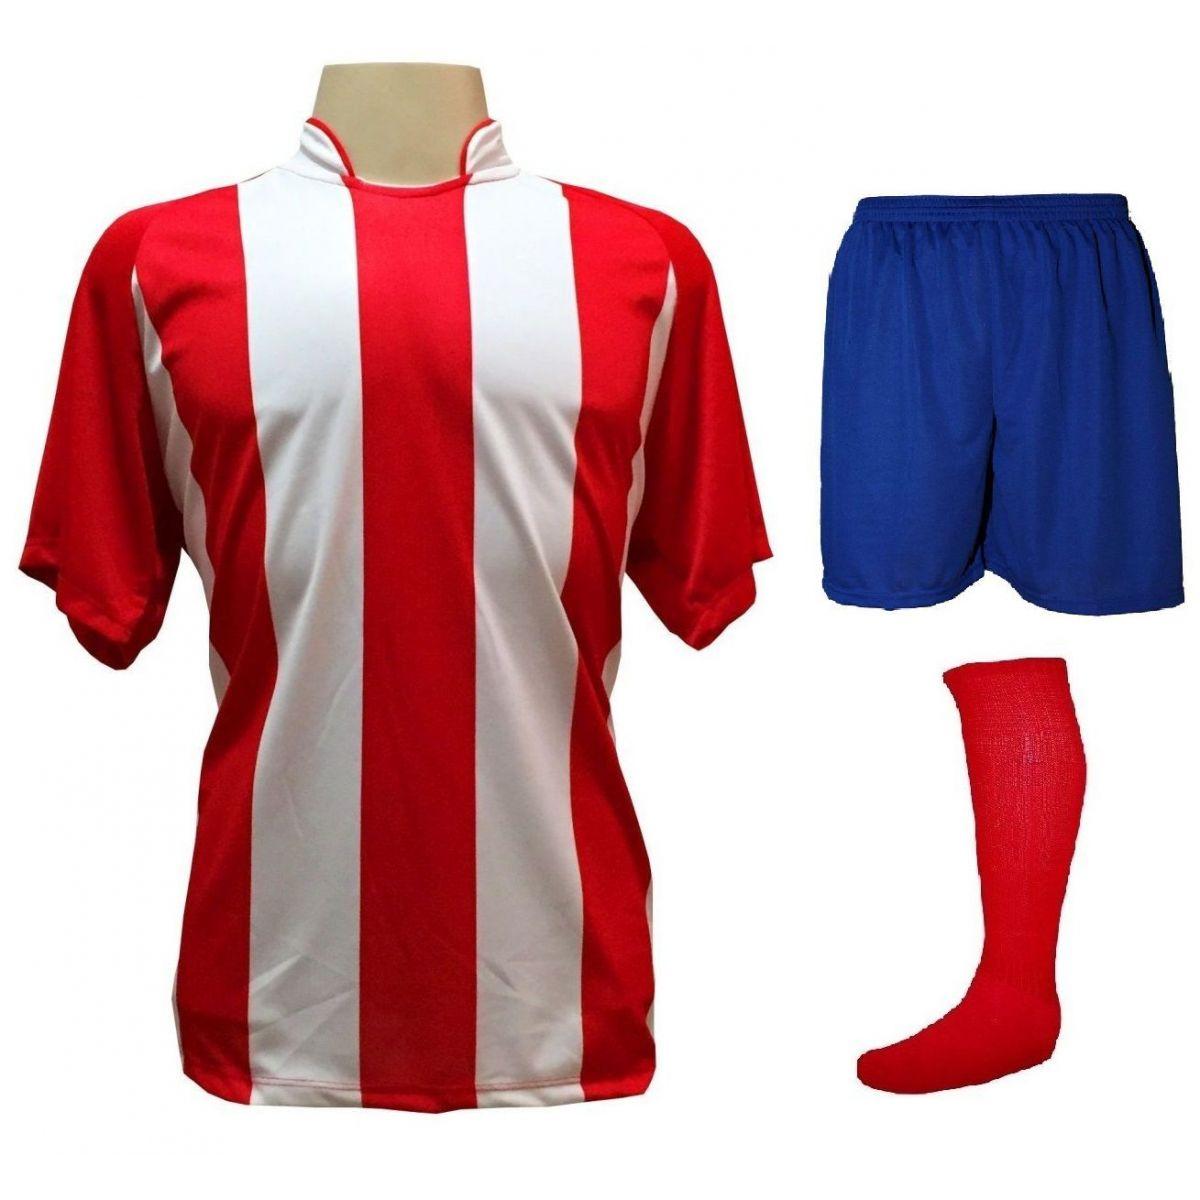 7dd67fbac6 Fardamento Completo modelo Milan Vermelho Branco 12+1 (12 camisas + 12  calções